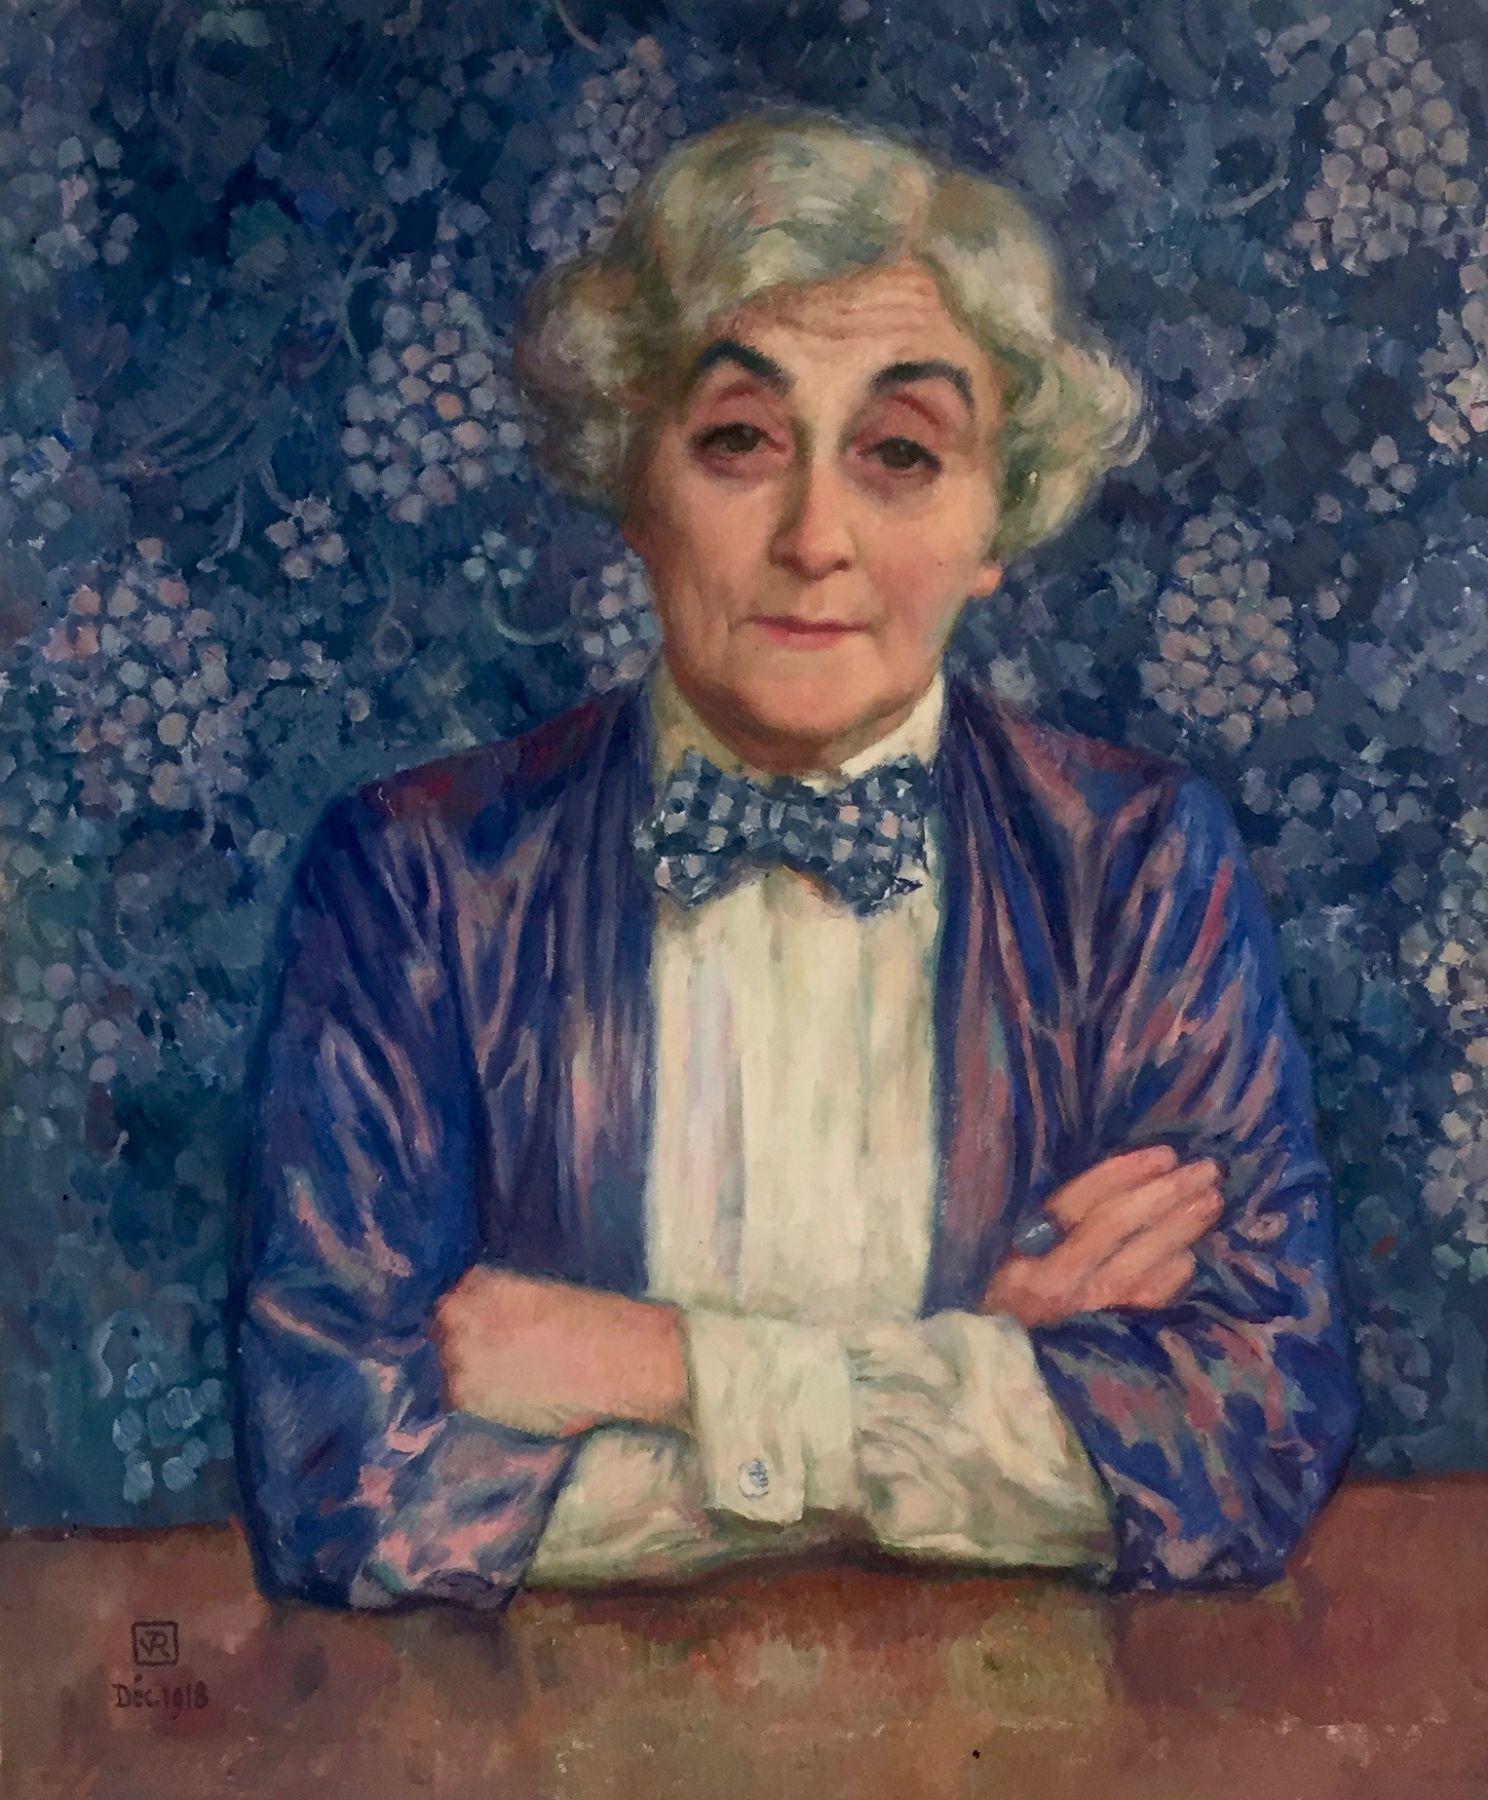 Théo van Rysselberghe, 1862 - 1926  Maria van Rysselberghe au Noeud a Pois